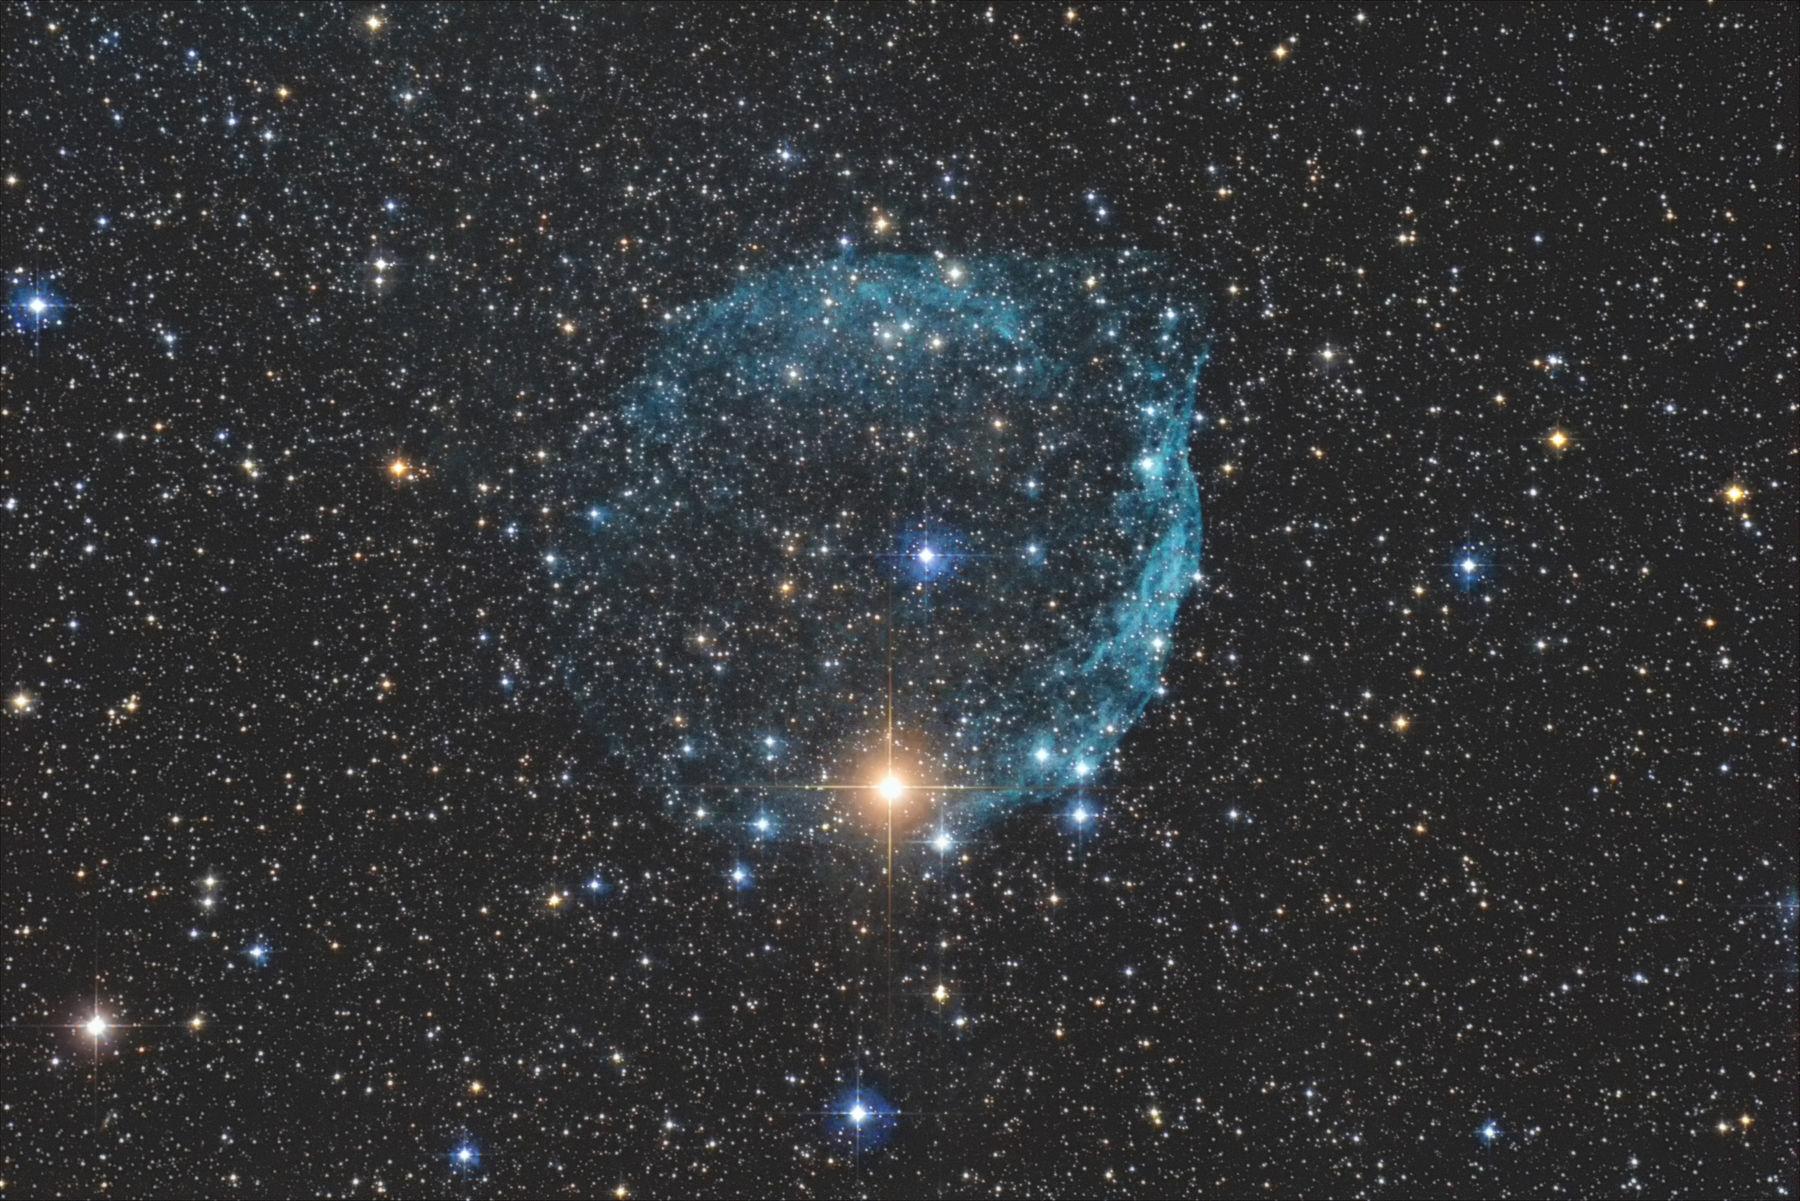 【星雲】Sh2-308 デジカメでミルクポット星雲(。-∀-)ノ